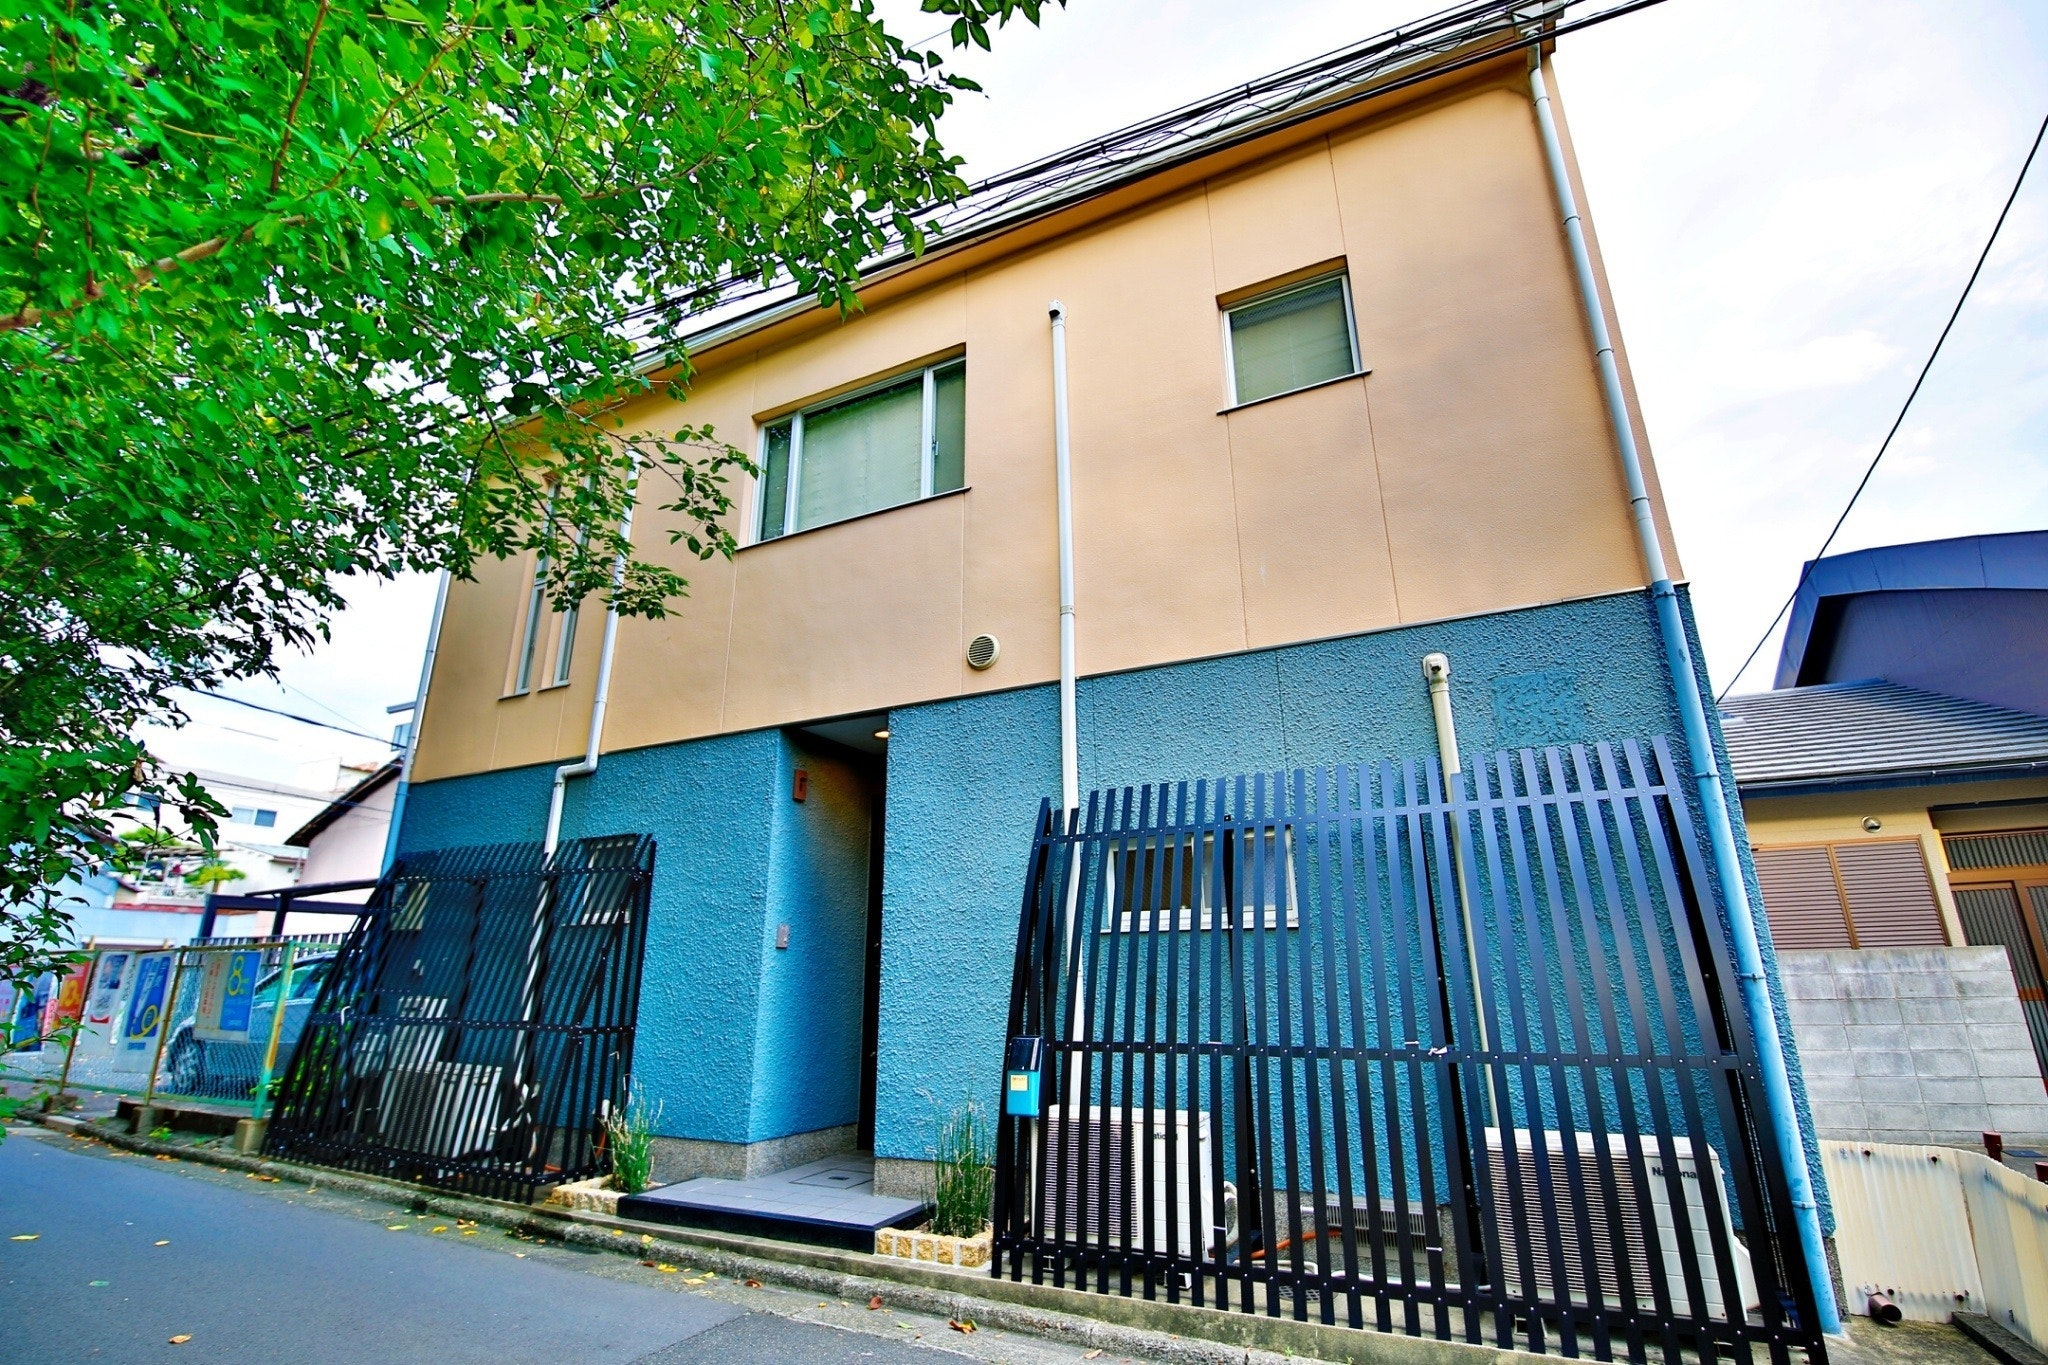 京都駅も徒歩圏内で一軒家貸切!アクセス抜群で広々空間!MK105